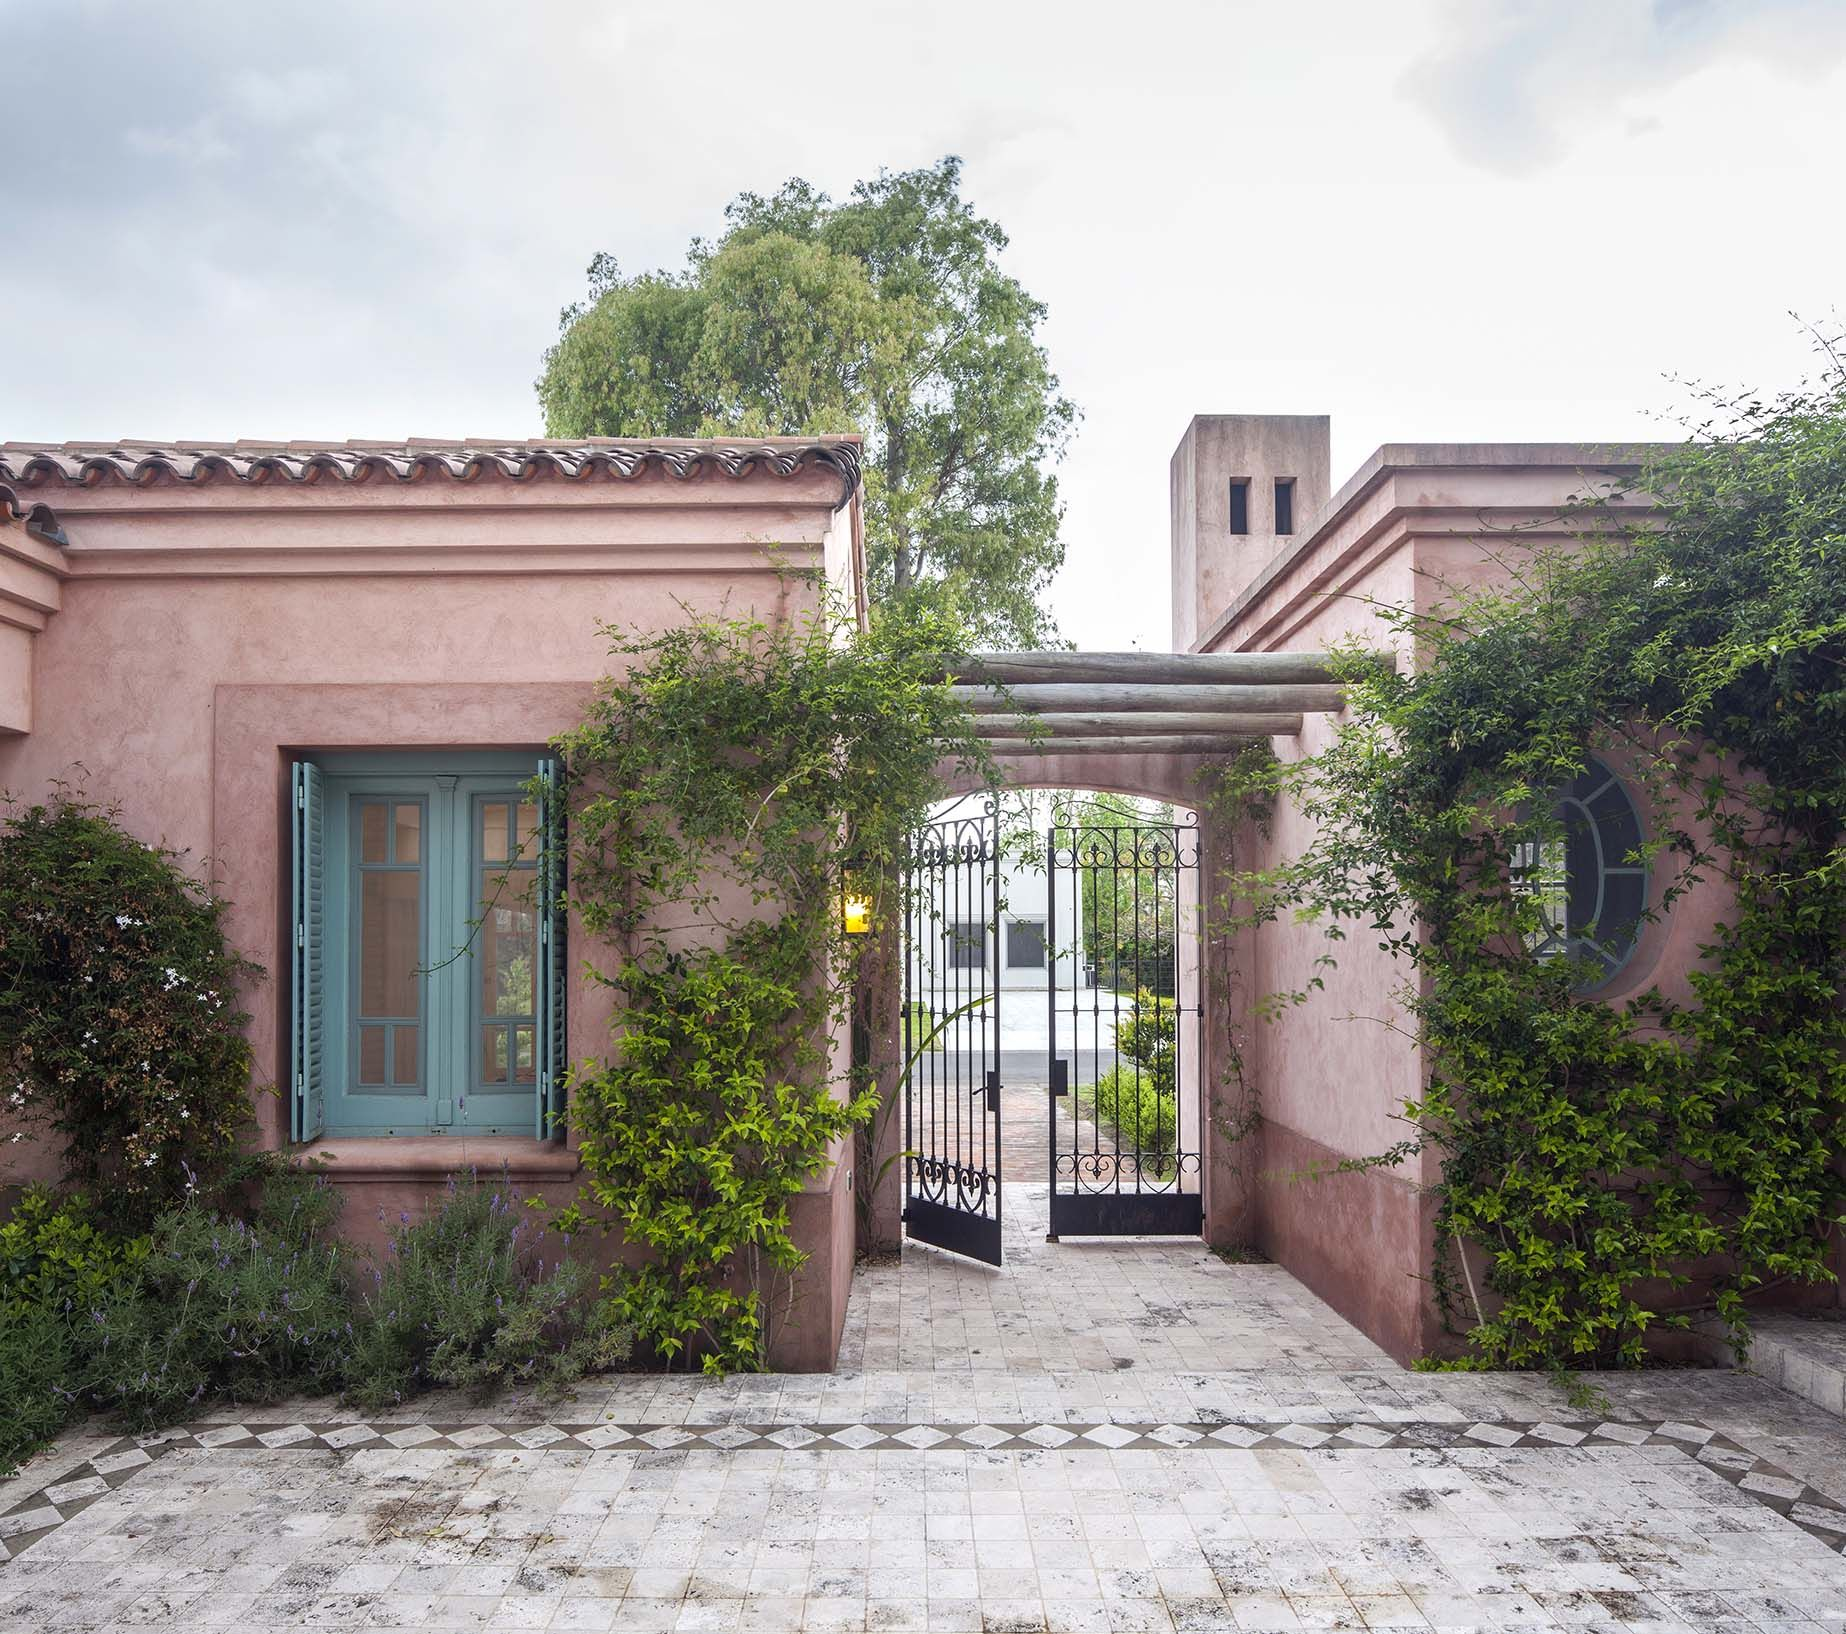 Arquitectura paisajismo ricardo pereyra iraola - Casas tipo colonial ...